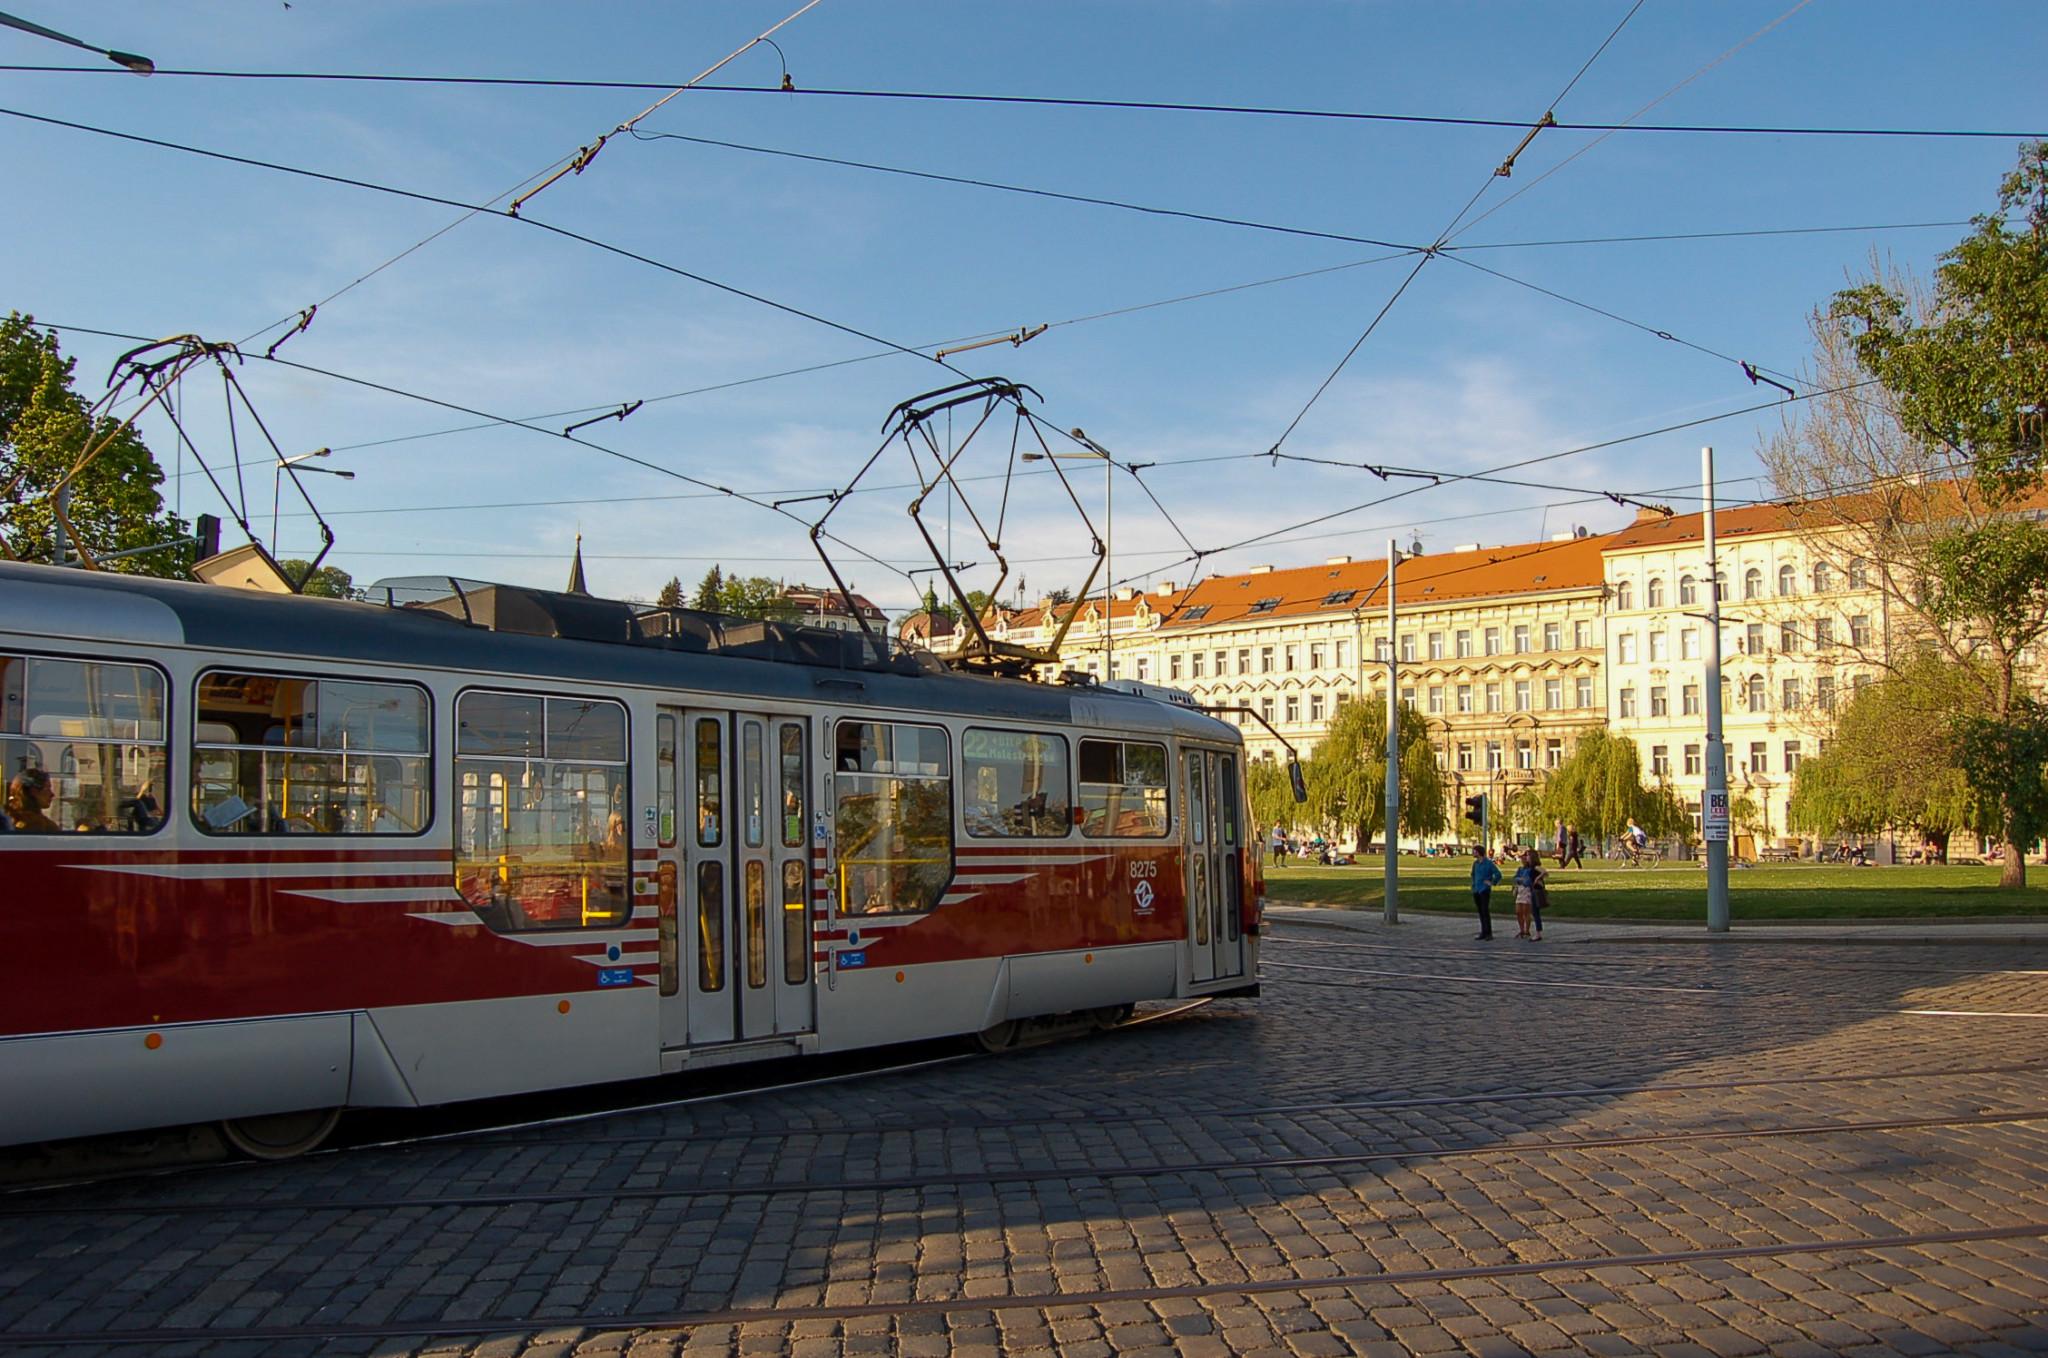 Mit der Straßenbahn in Prag kann man fast alle Sehenswürdigkeiten erkunden.